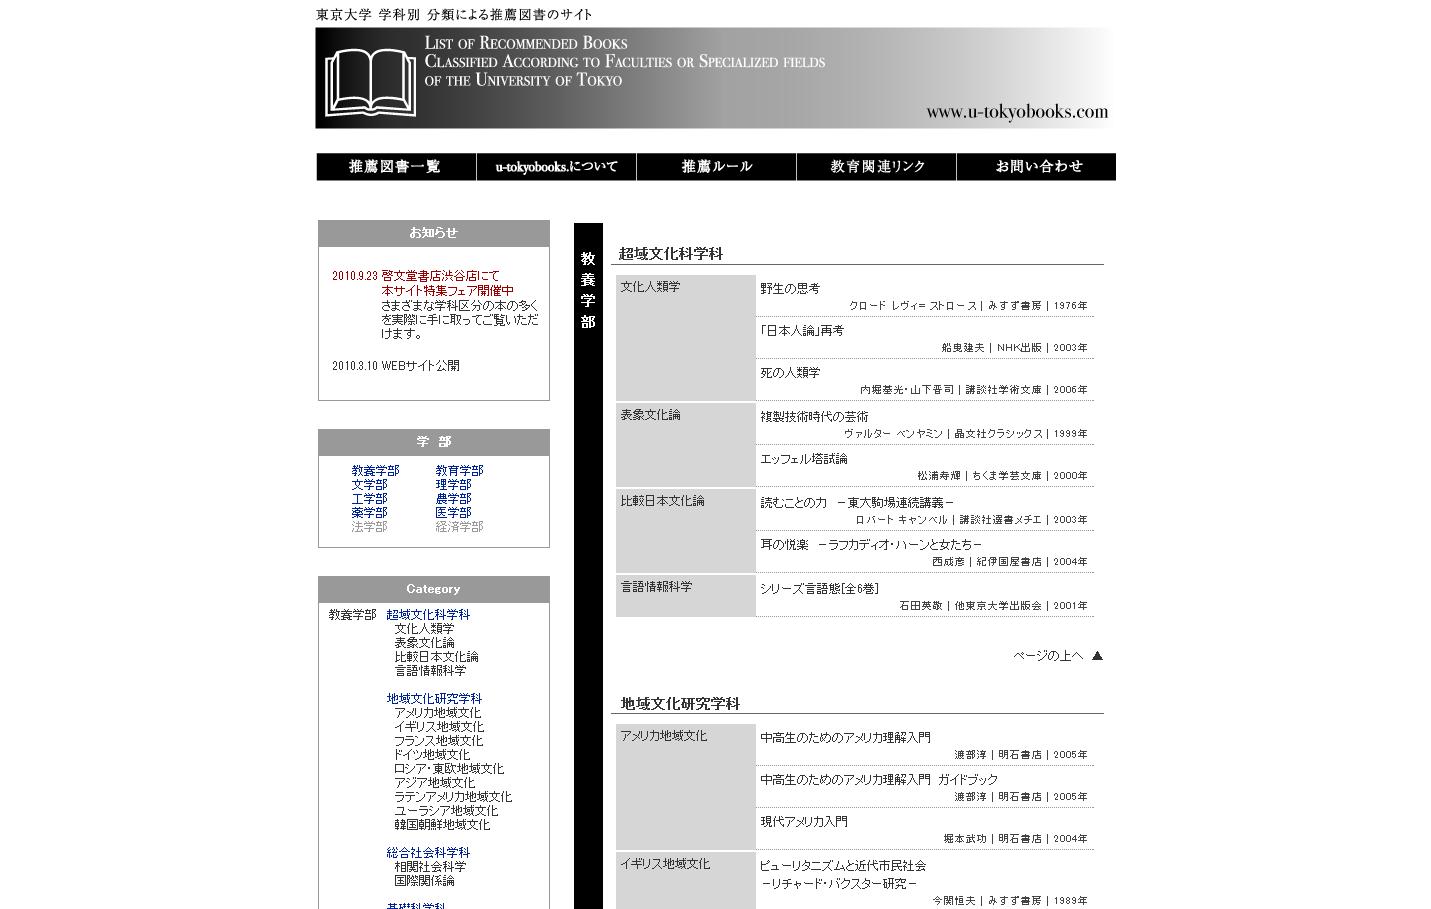 東京大学 学科別 分類による推薦図書のサイト スクリーンショット